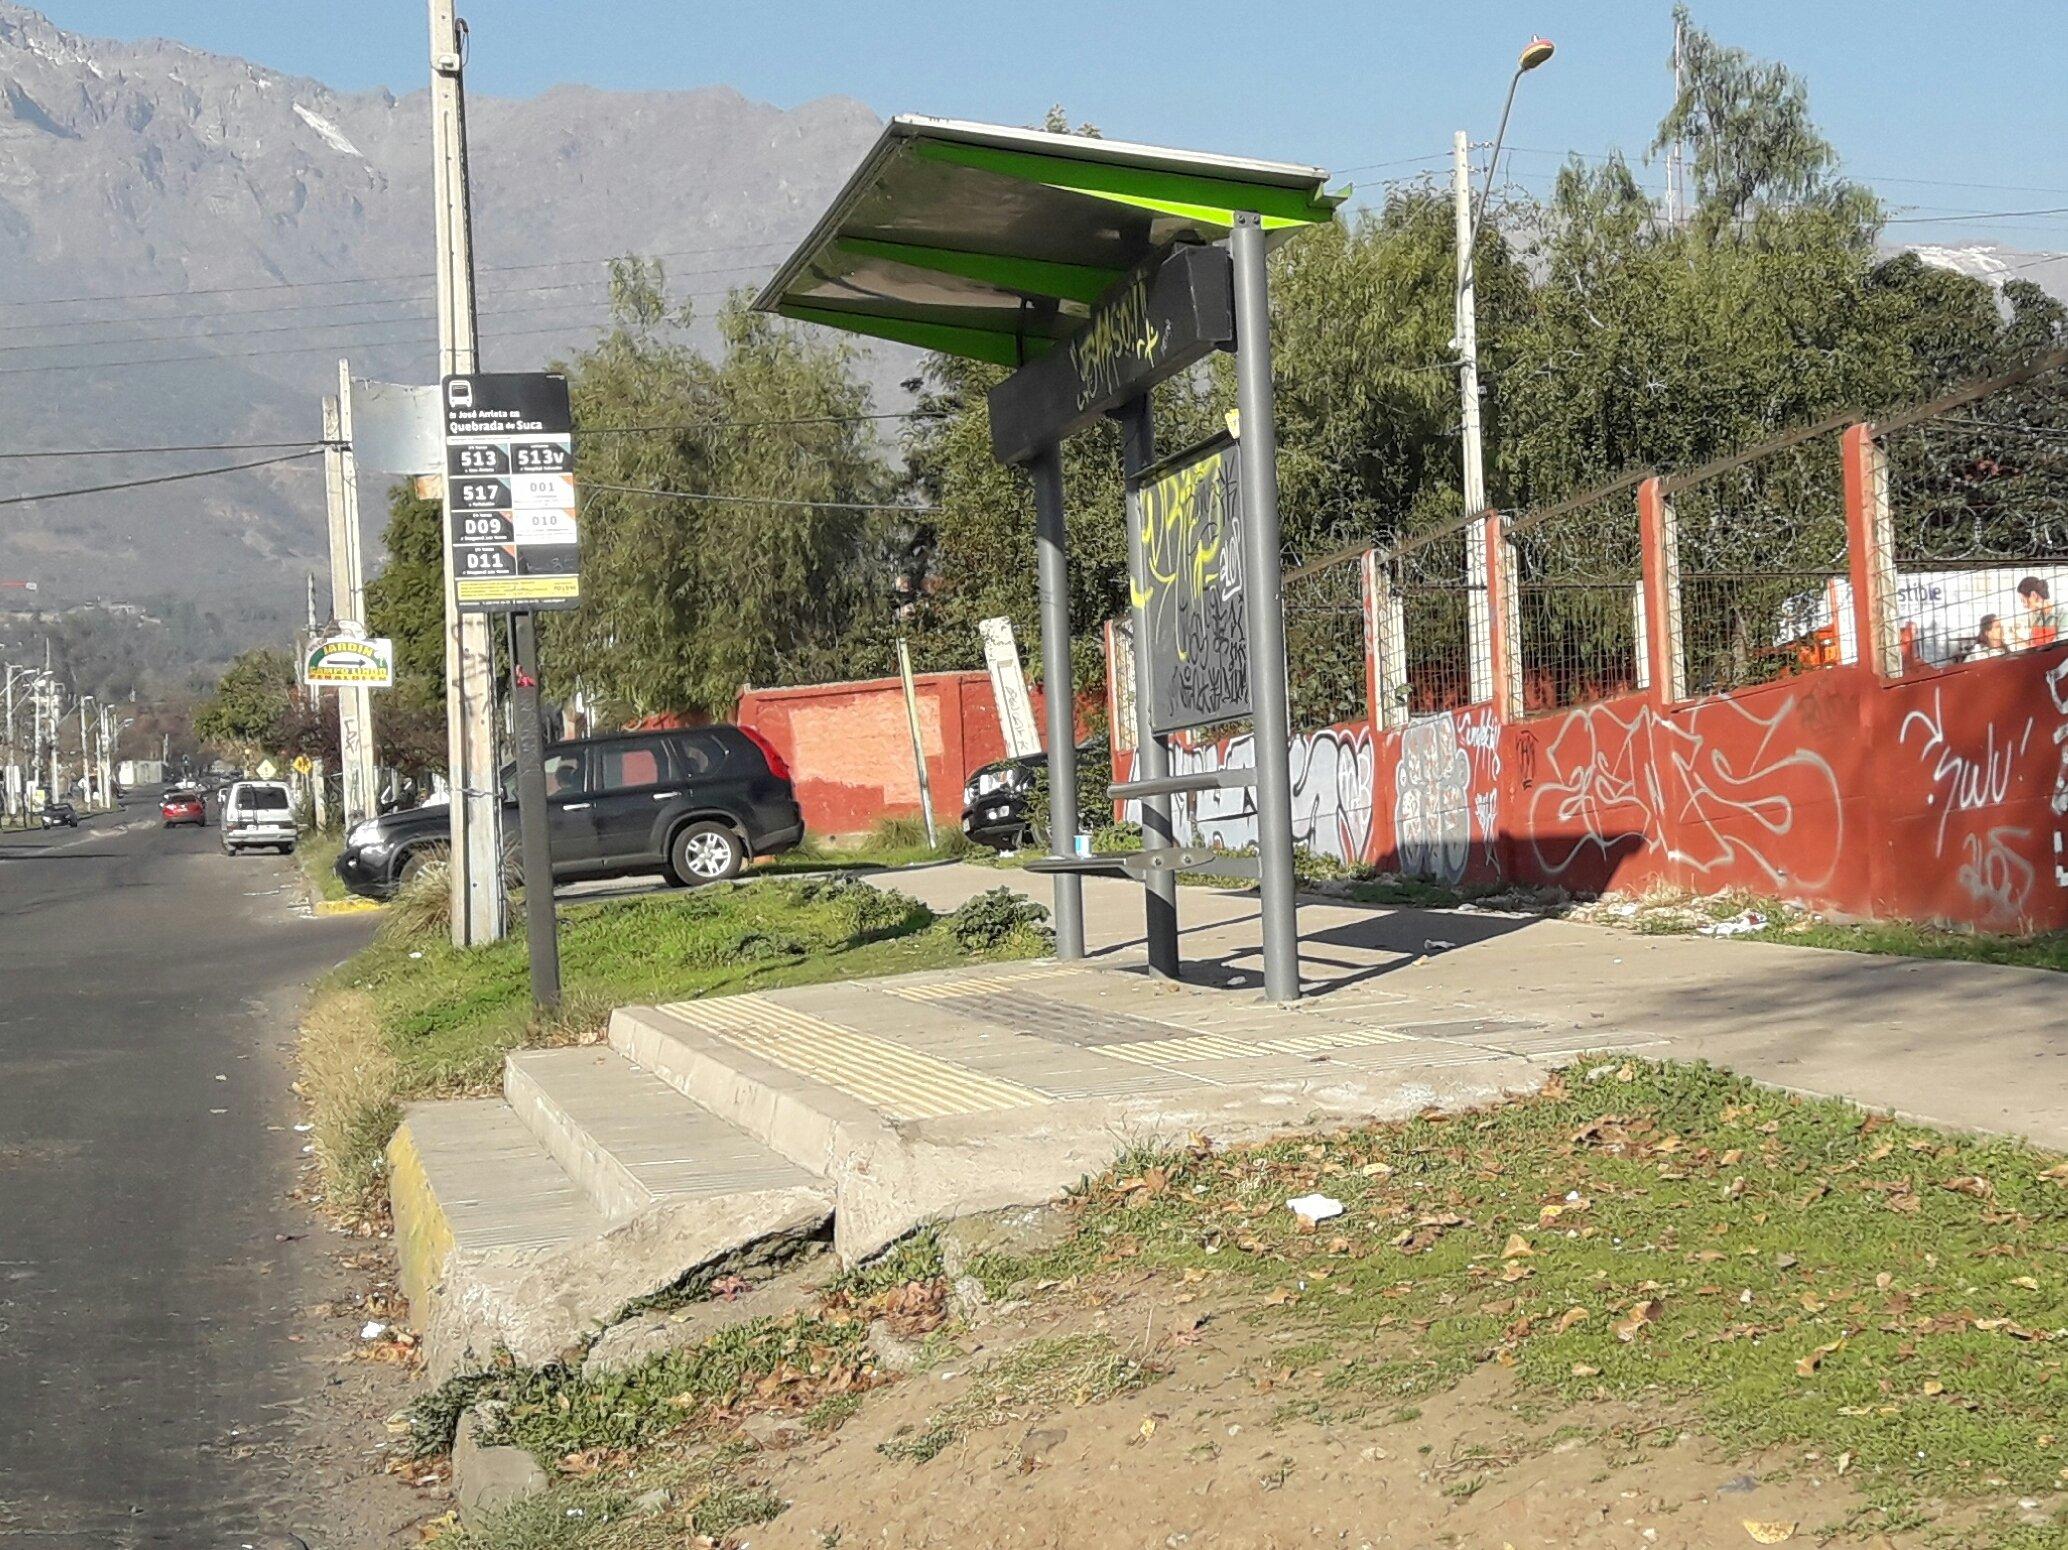 Paradero inaccesible comuna Santiago con peldaños para acceder al bus